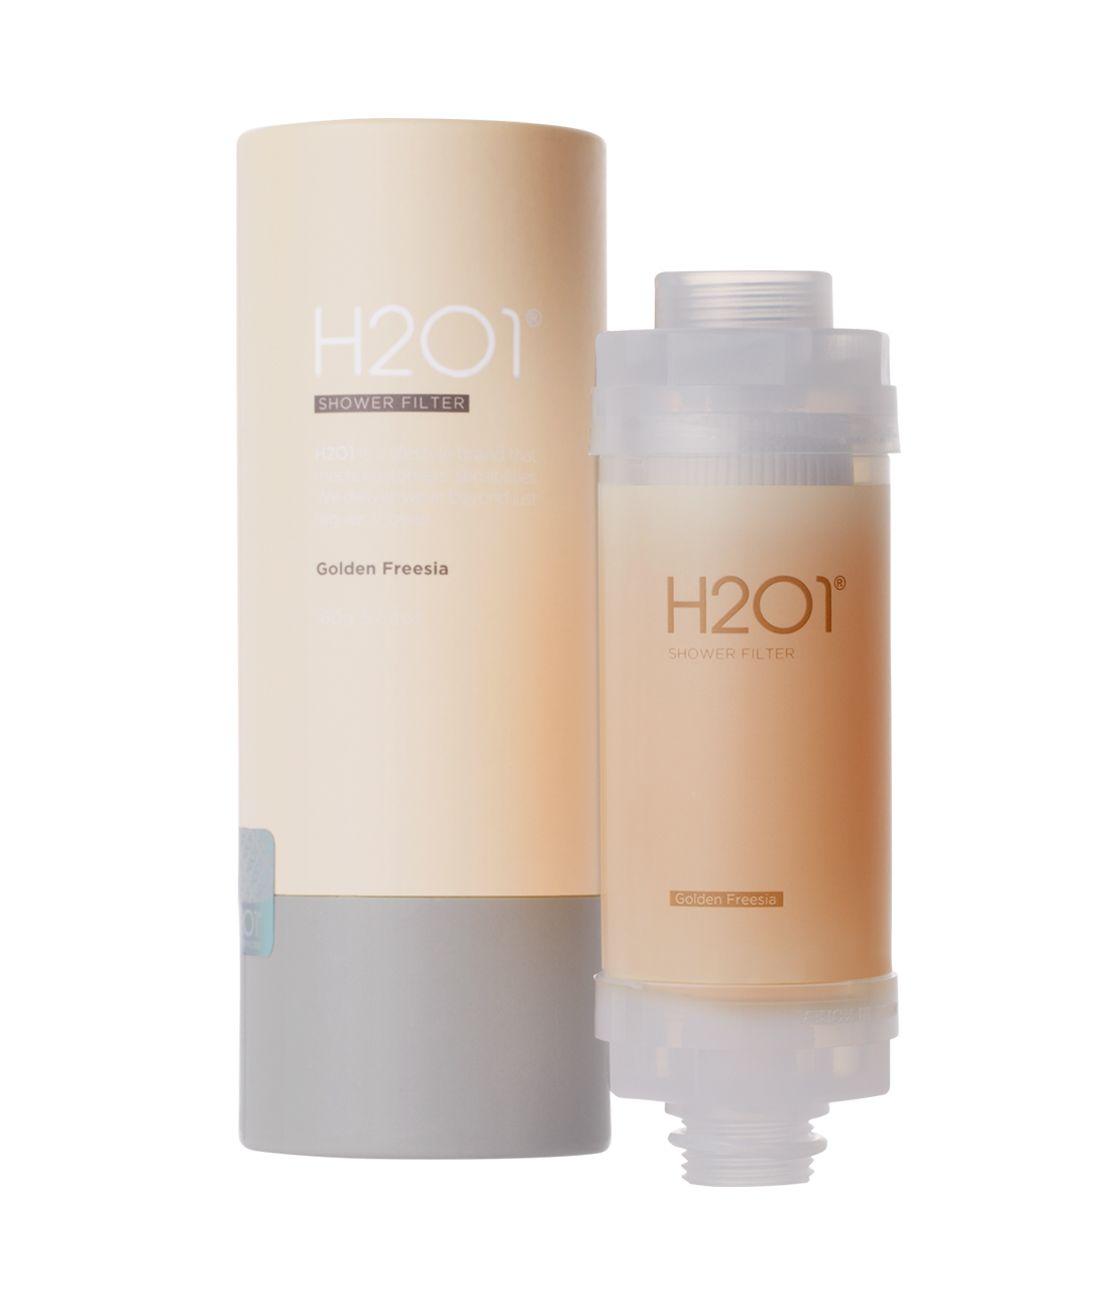 H201 shower filter